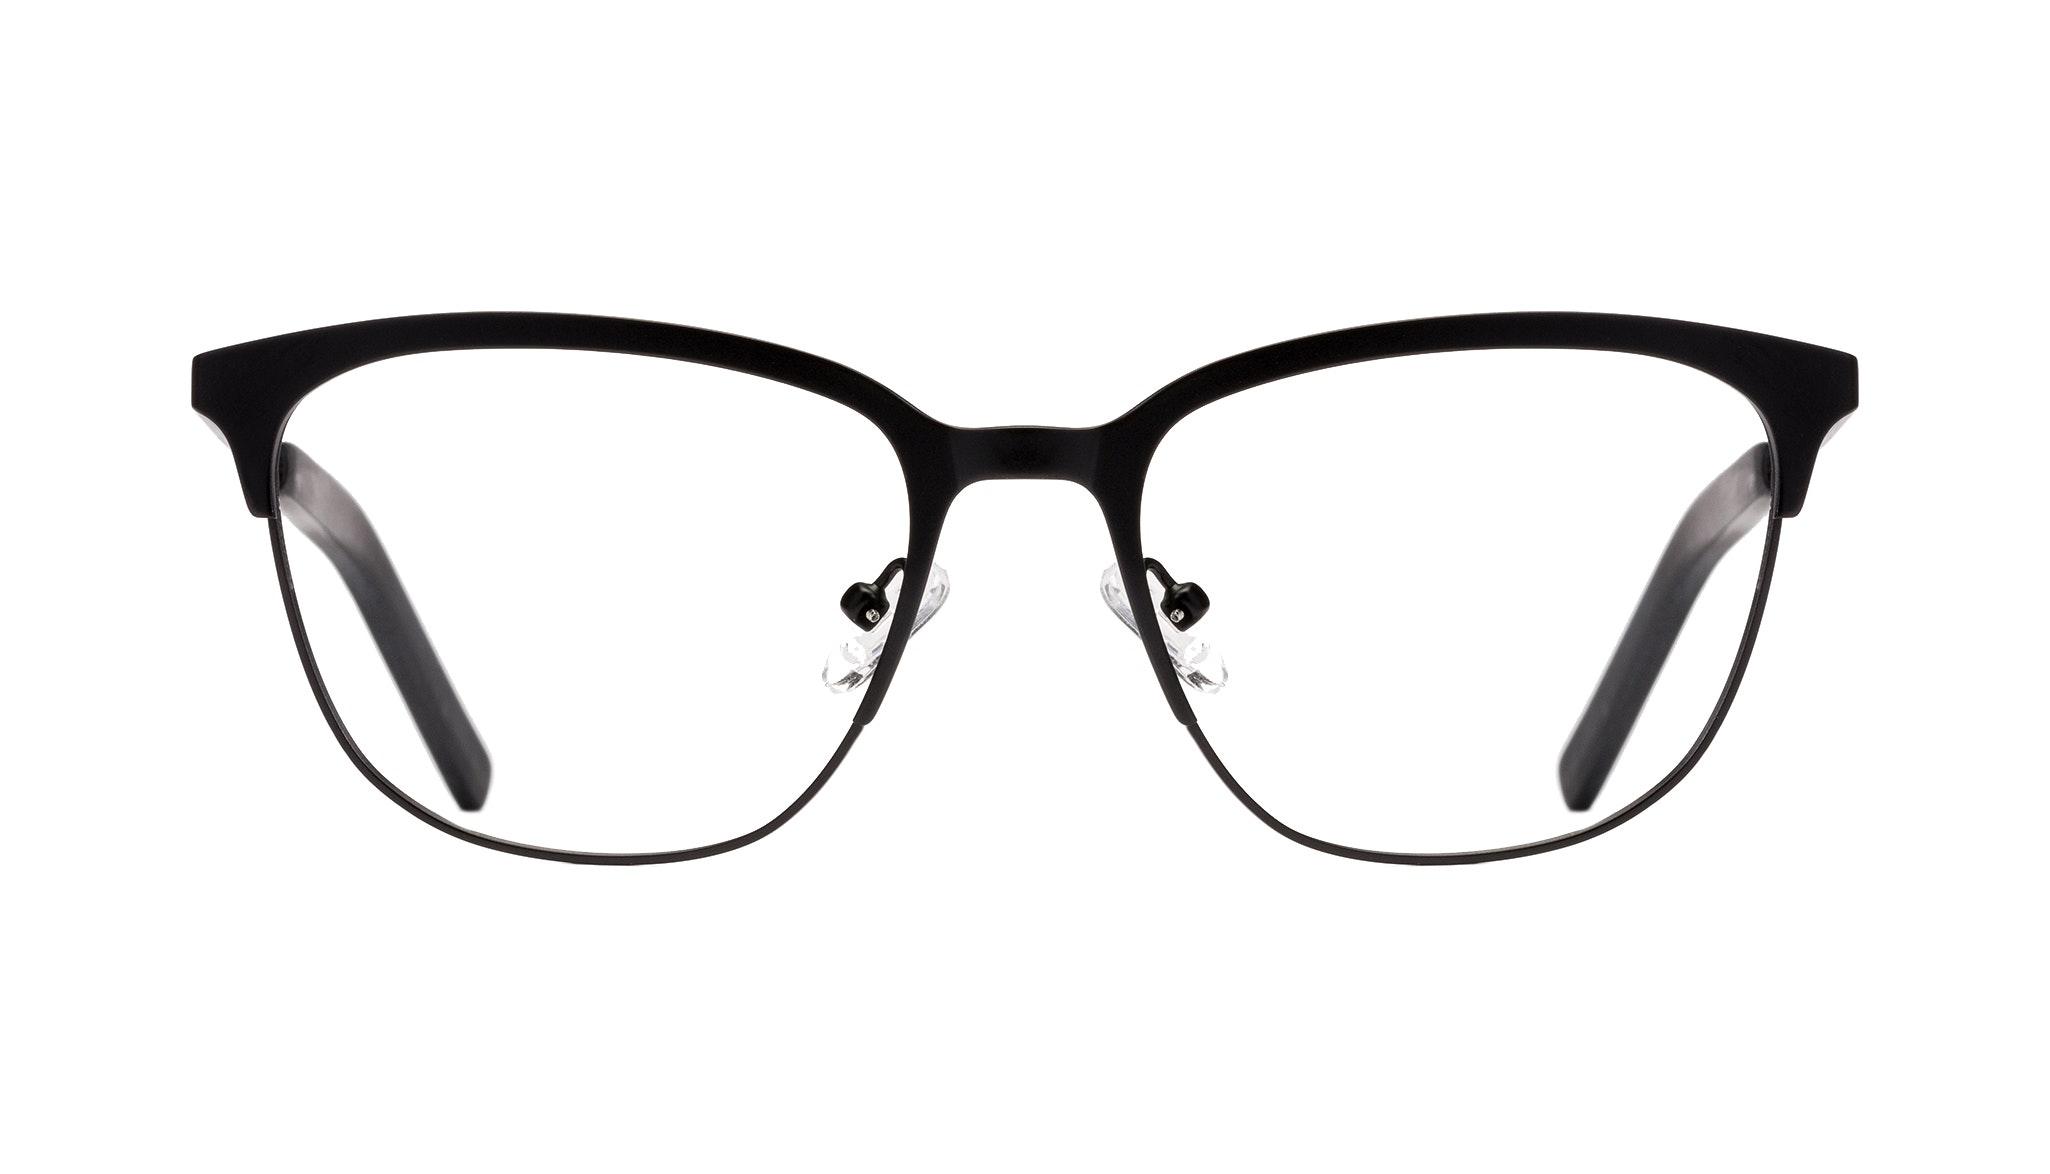 Affordable Fashion Glasses Rectangle Eyeglasses Men Legacy Black Front